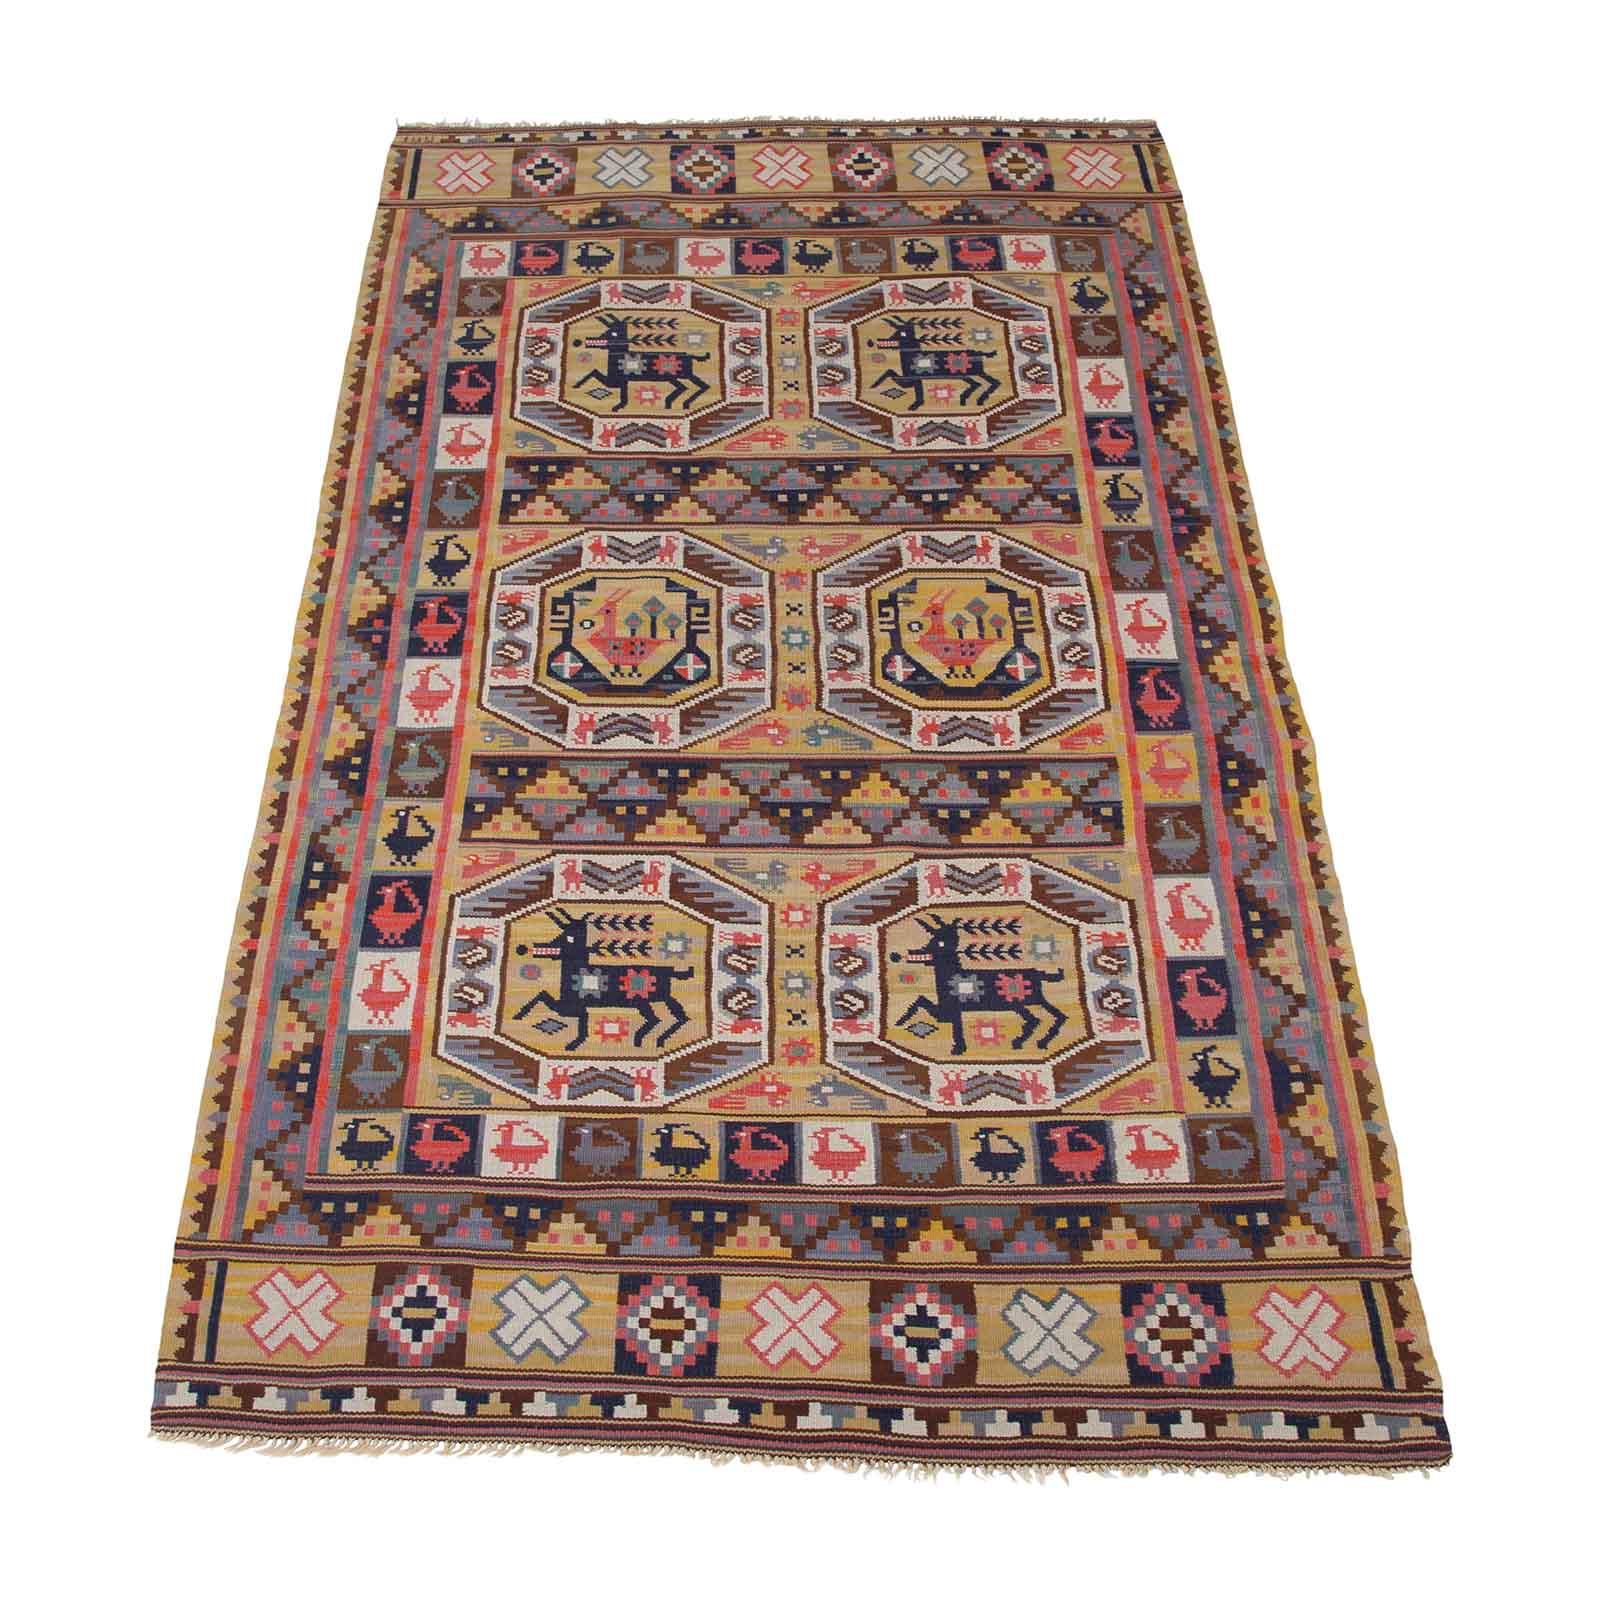 A rare early flatweave rug